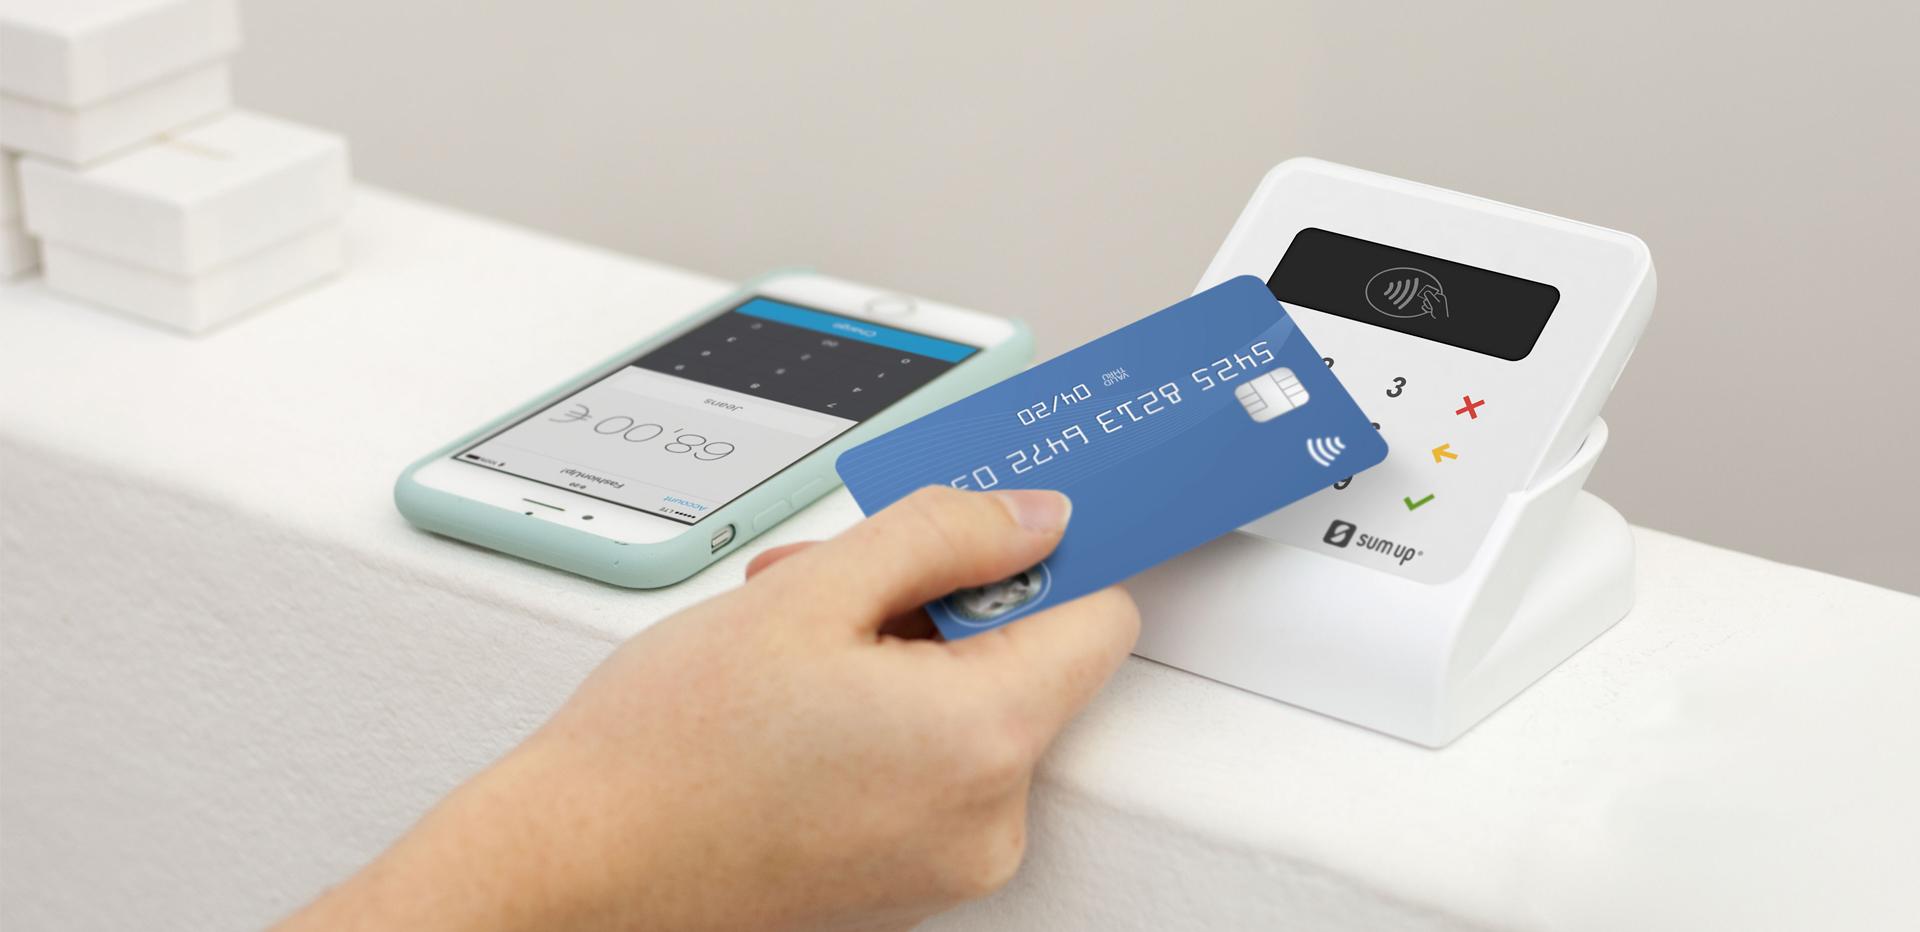 Sumup terminal de paiement mobile